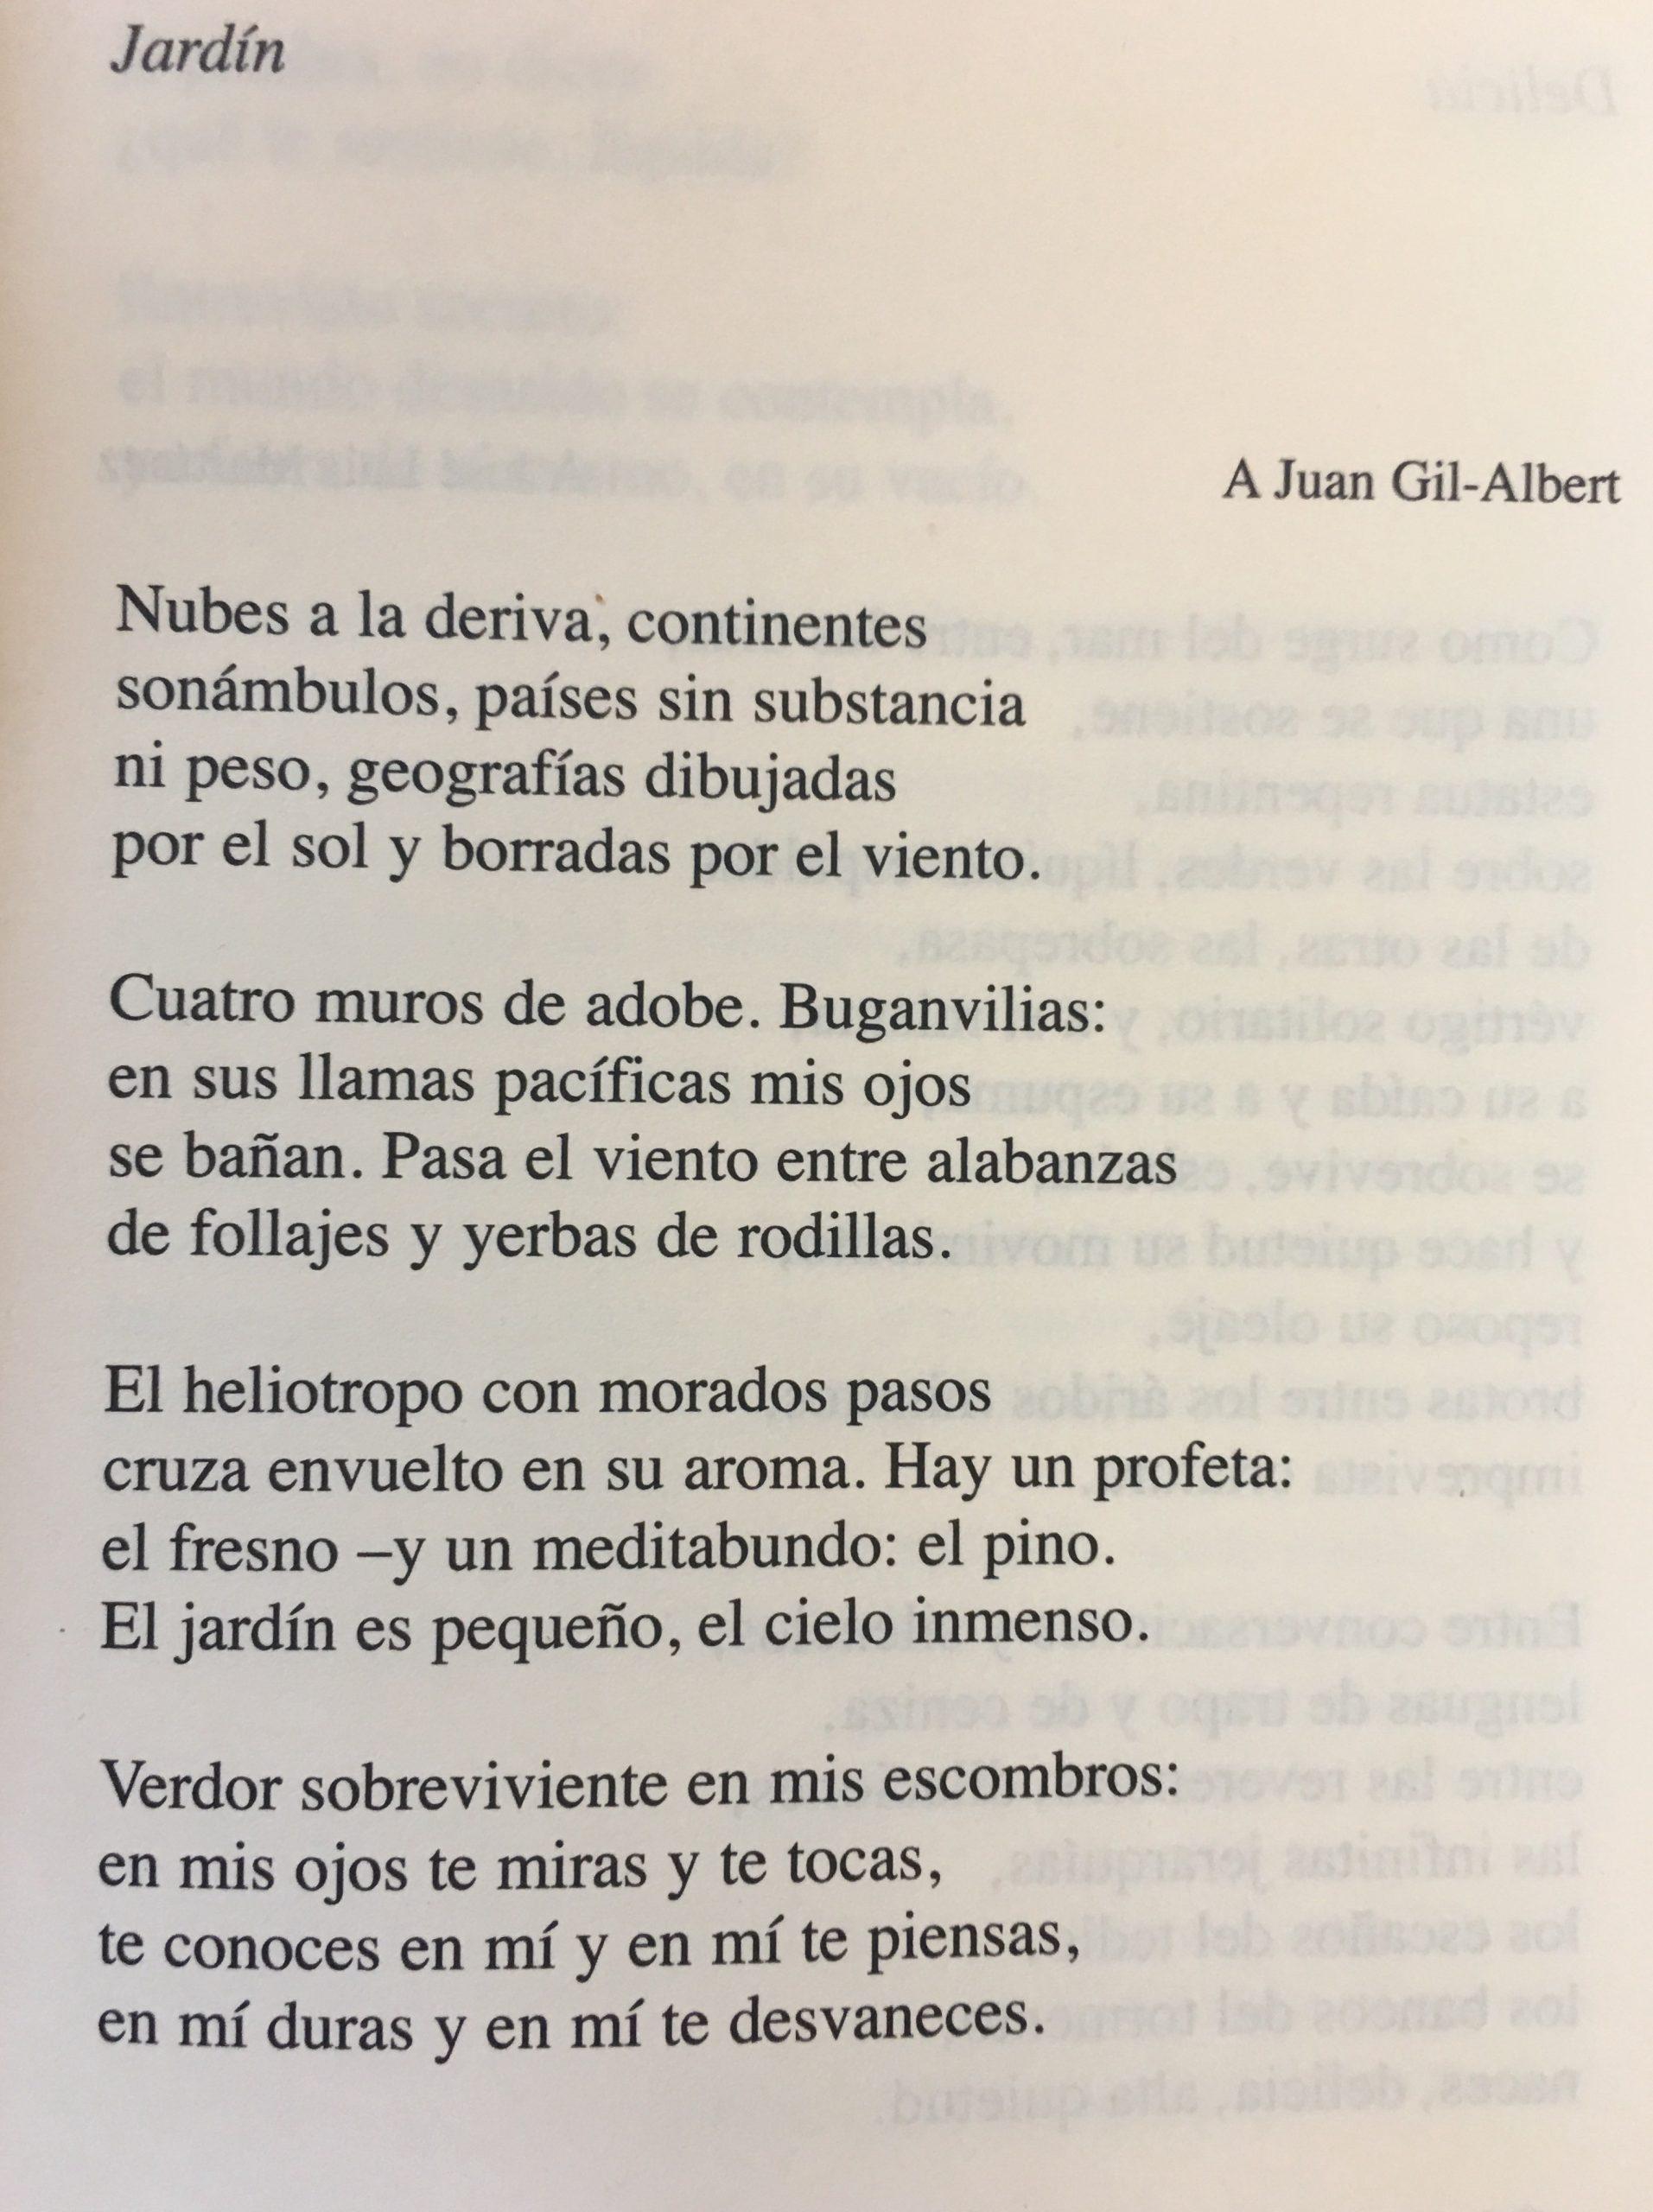 Jardín (Garden) By Octavio Paz (The First Translated Poem) encequiconcerne Transate Jardin